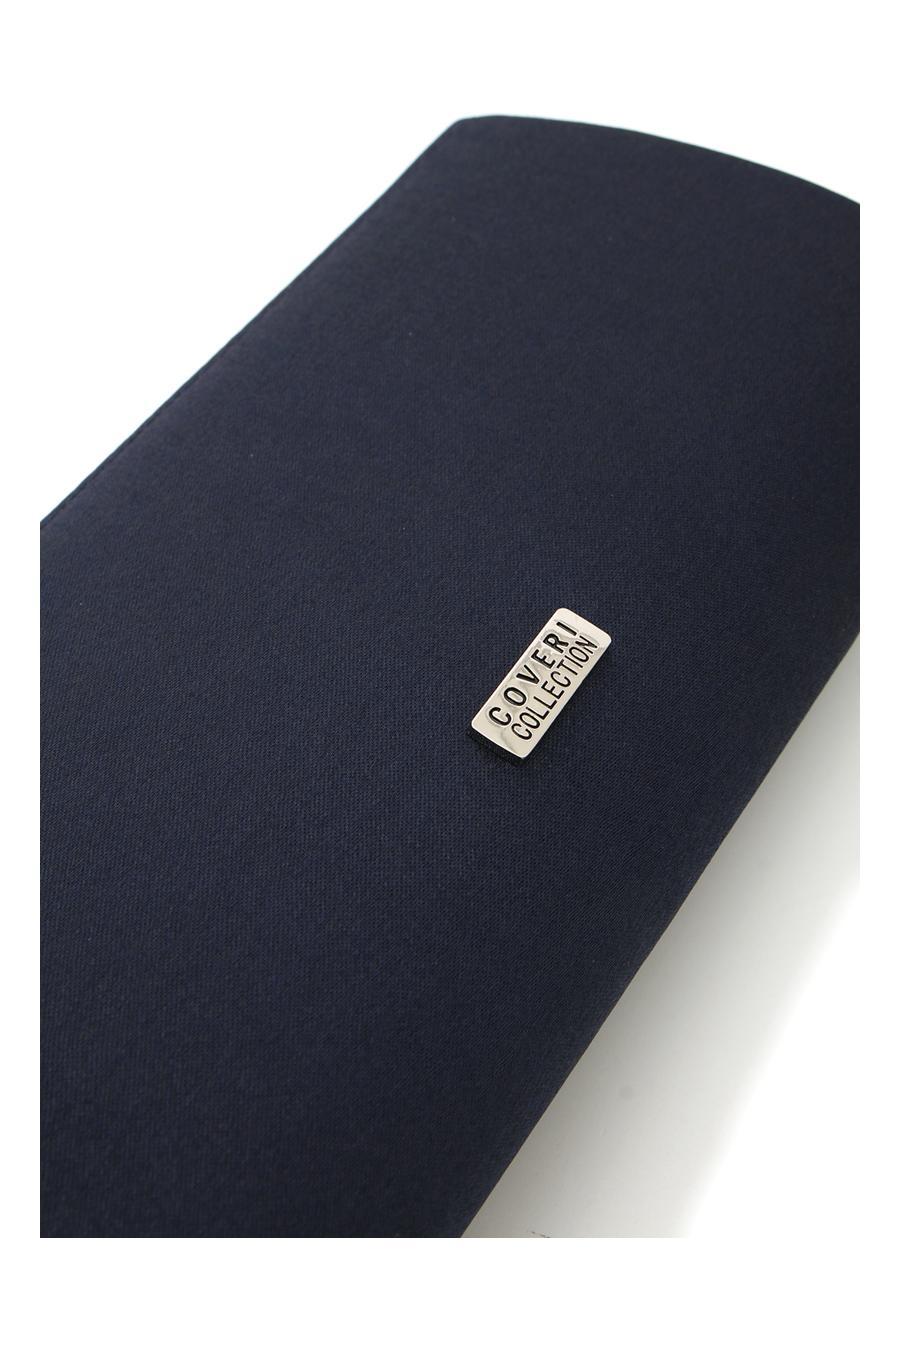 BORSE A MANO COVERI BLU  blu | Pittarello